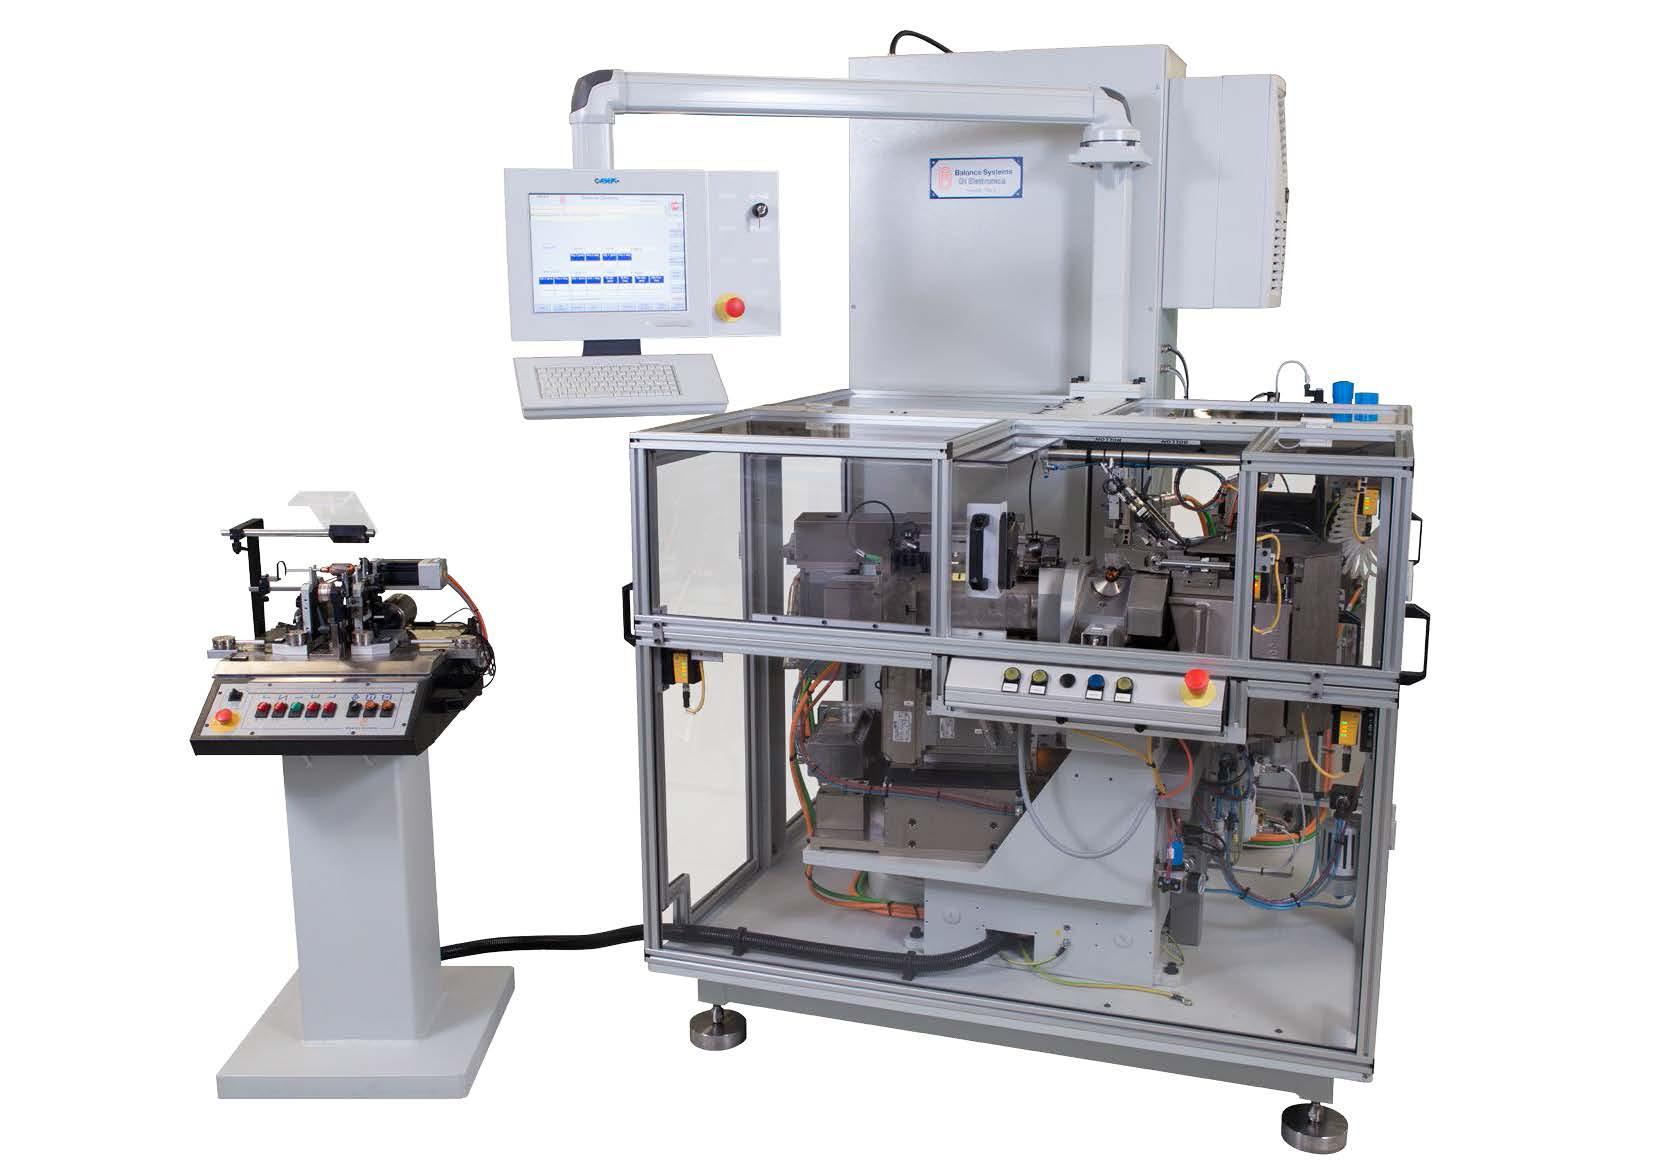 BMK4 Semiautomatic balancing machine Balance Systems #776047